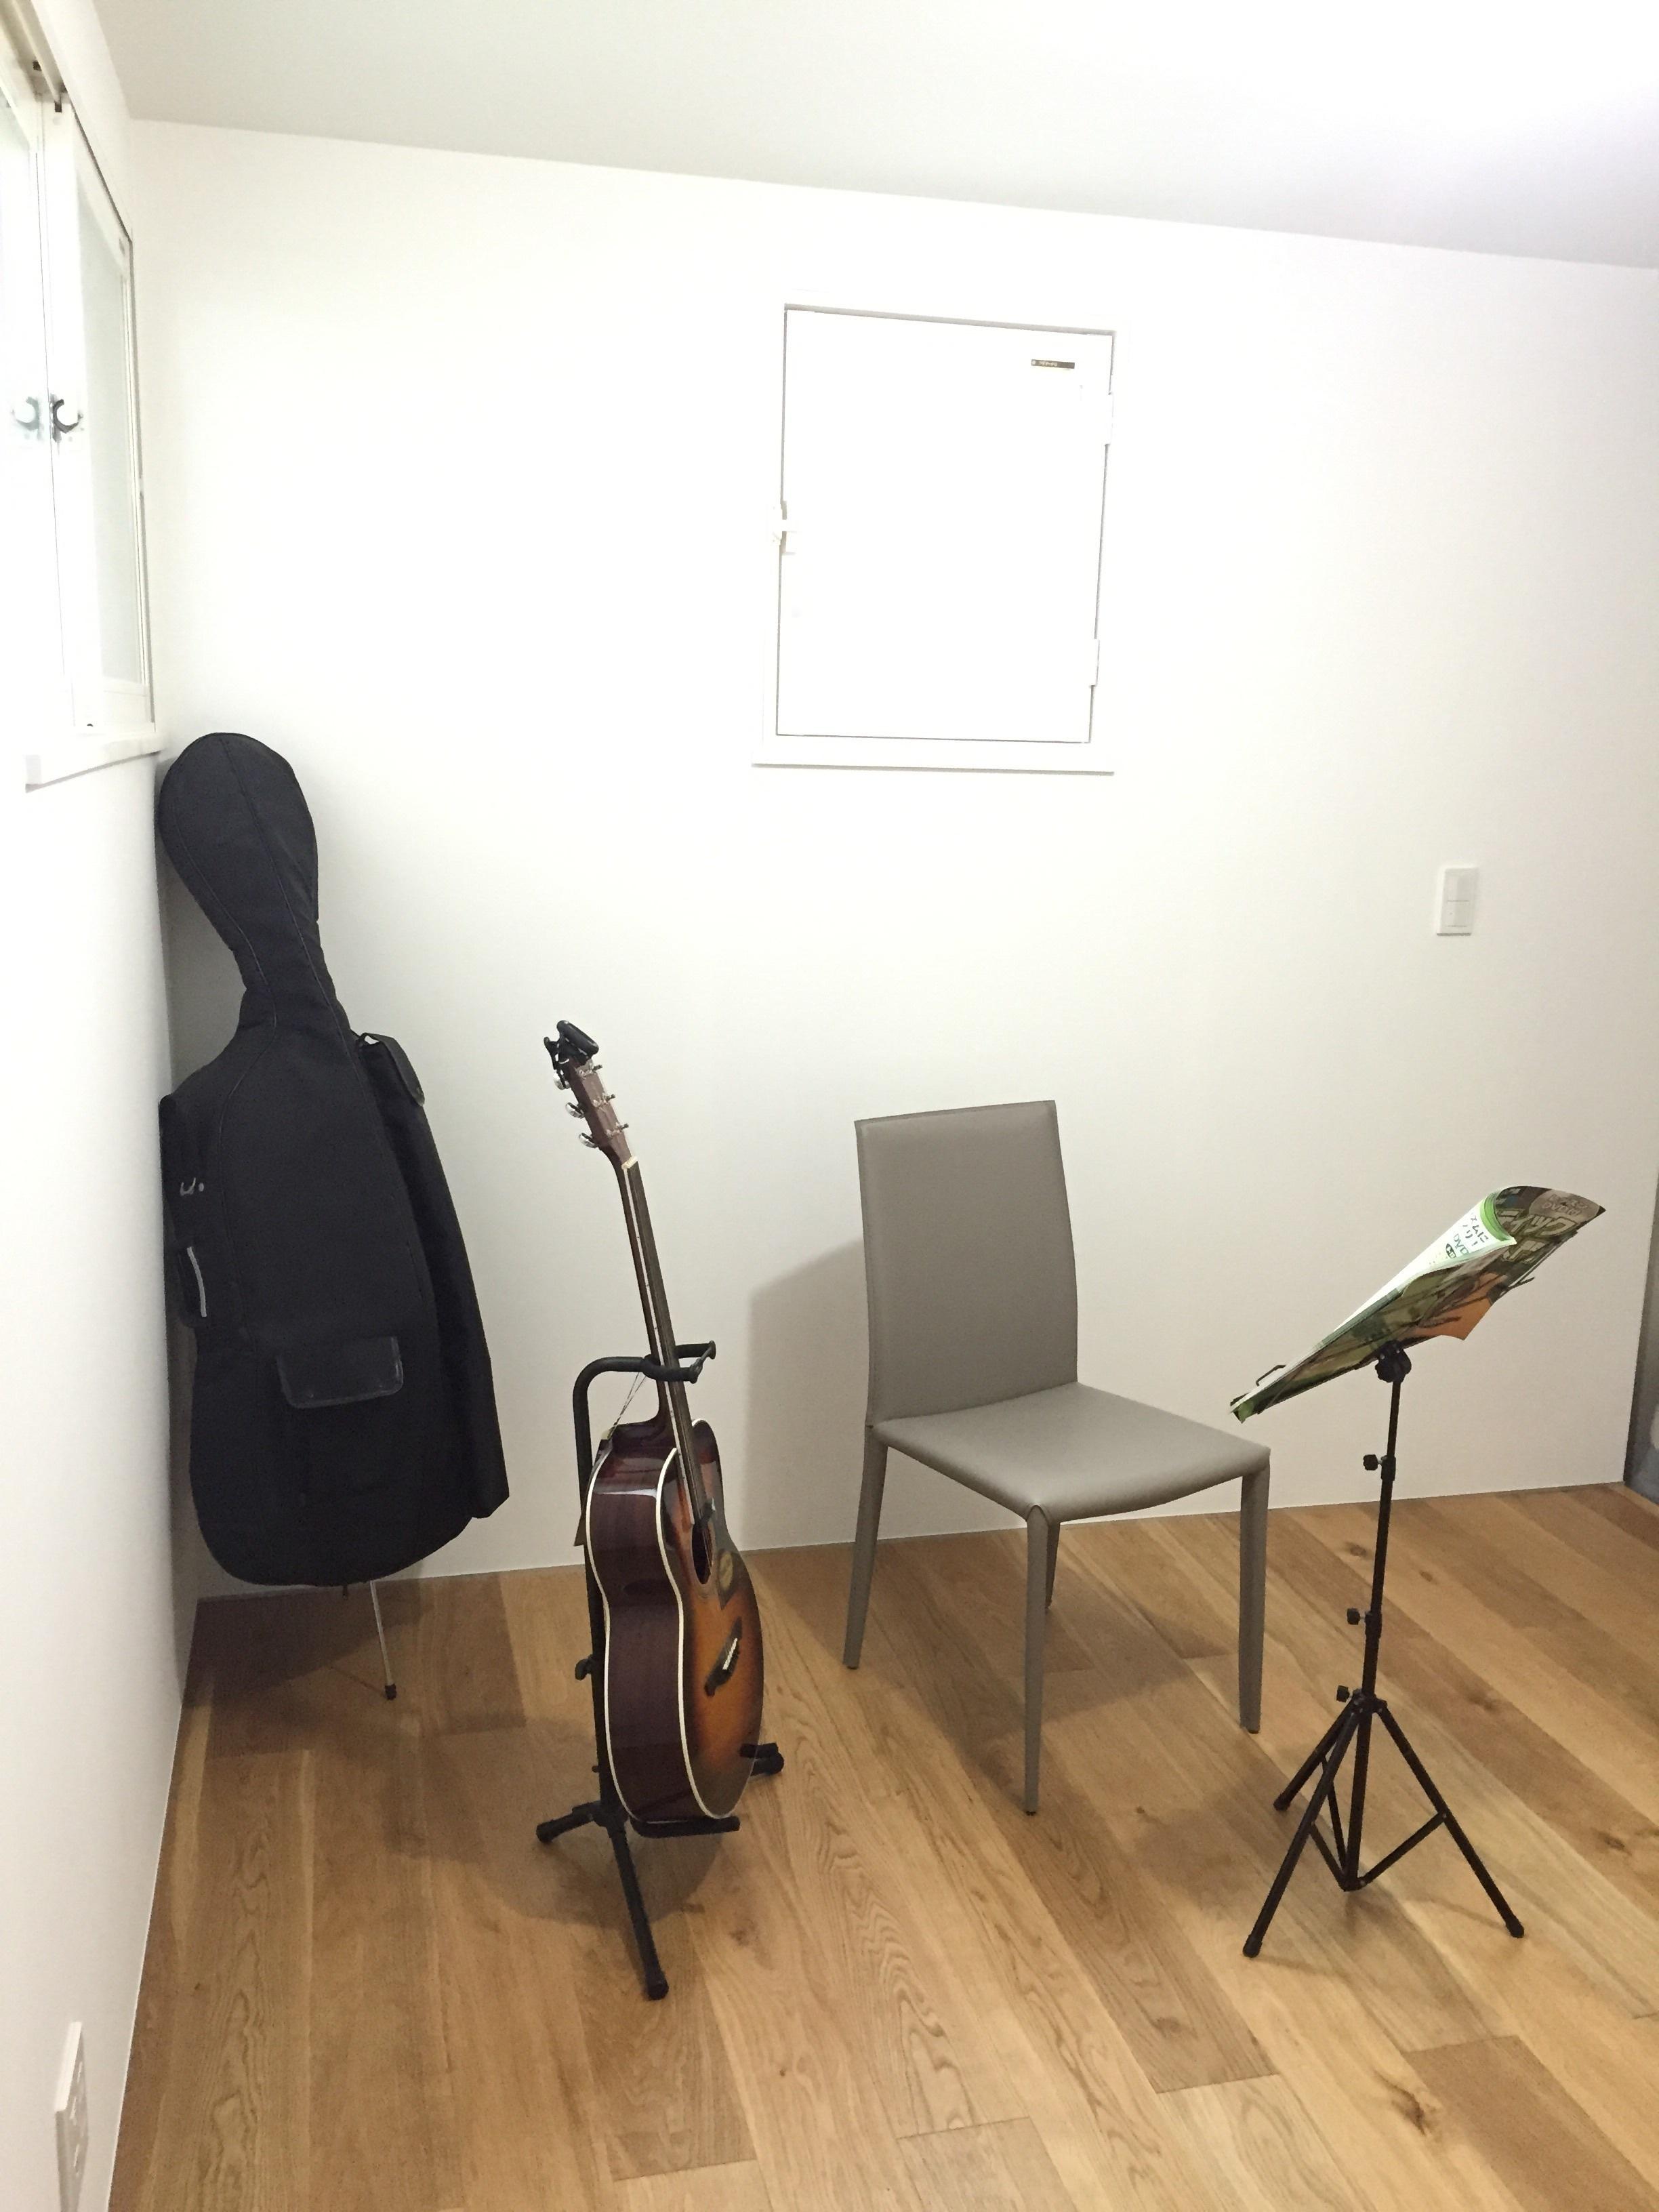 【桜新町】studio Pあり[studio]防音多目的の室内の写真